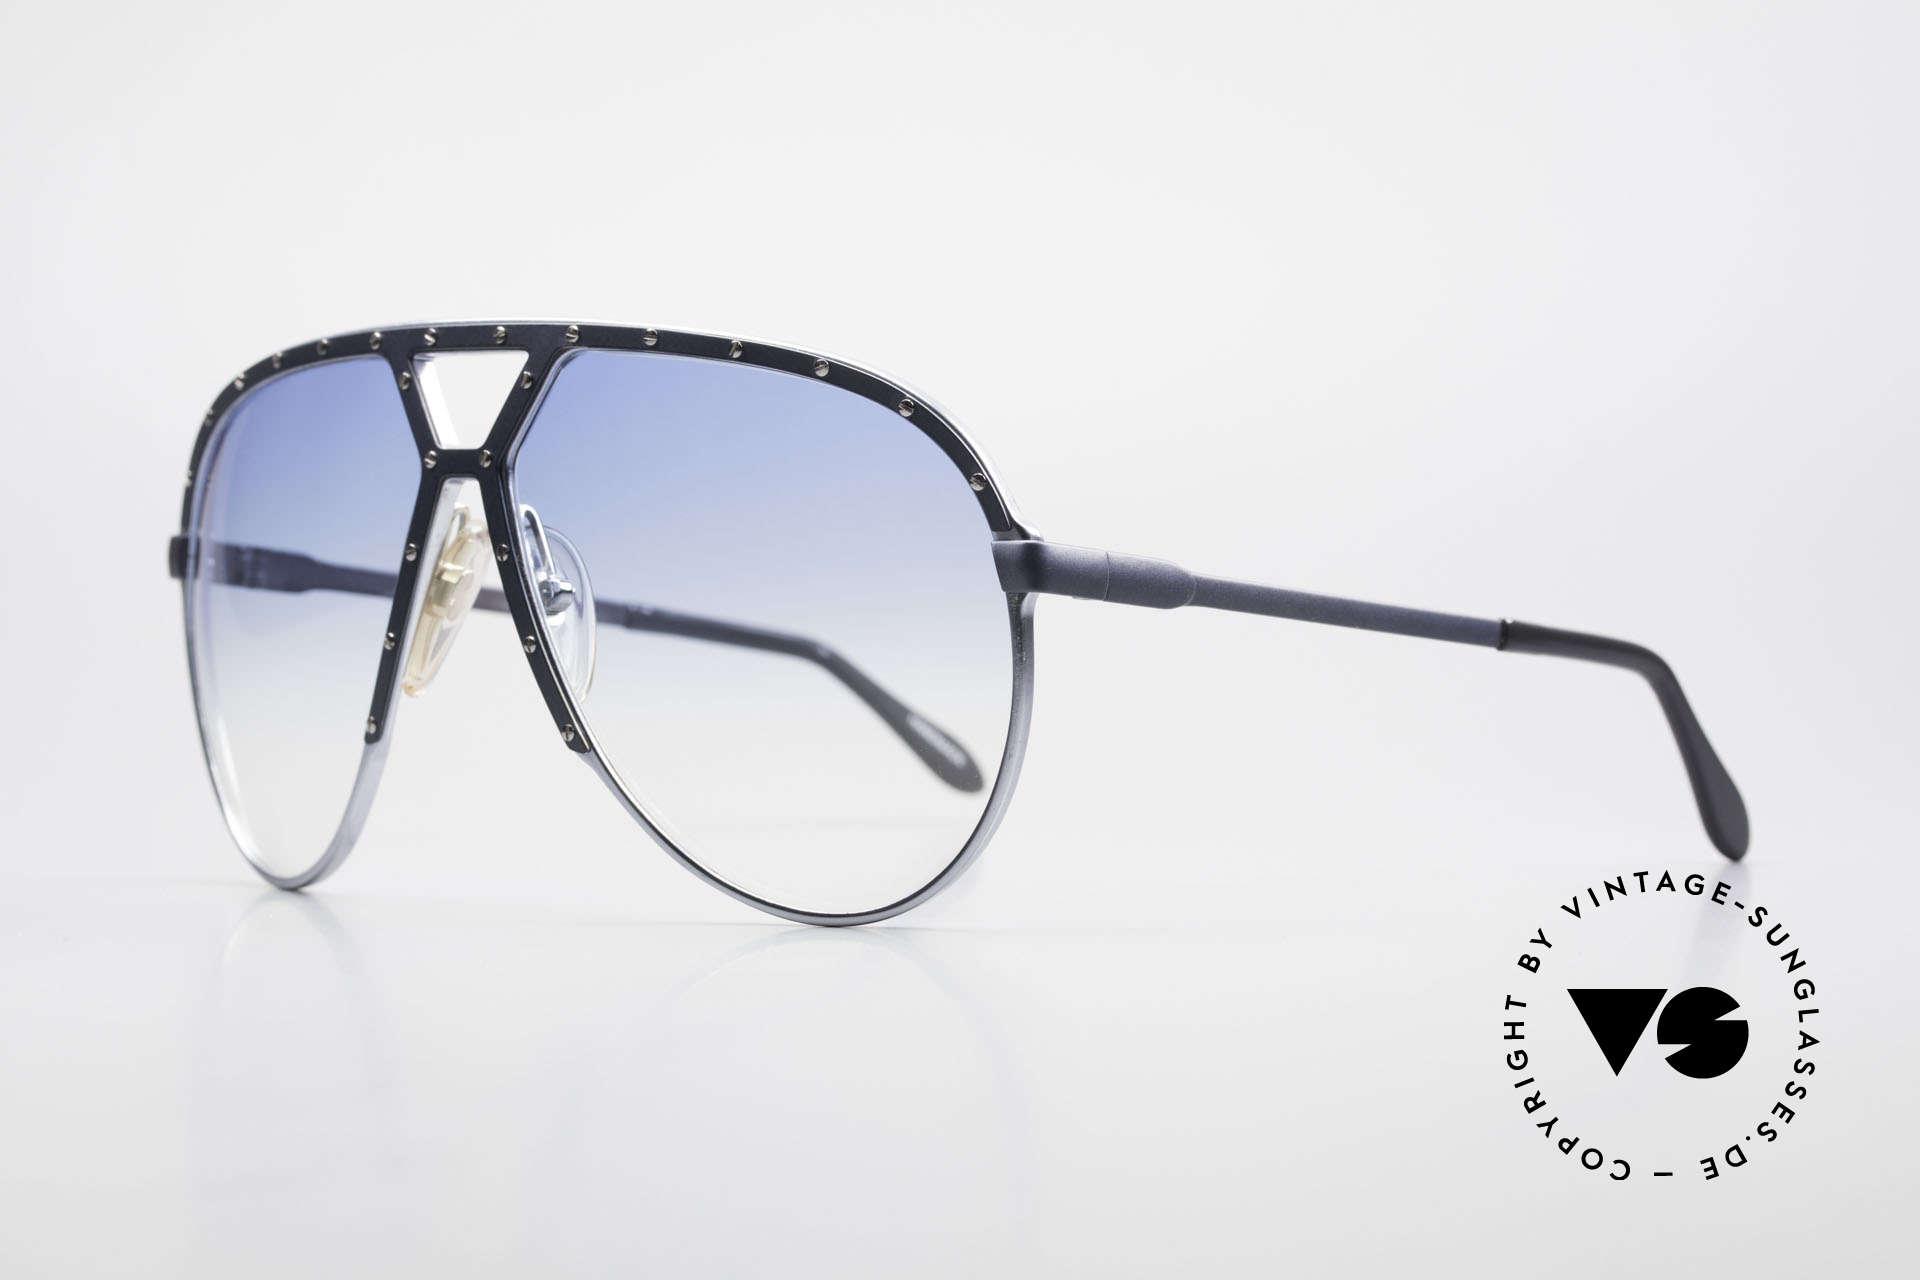 Alpina M1 Erste 80er Generation Brille, 1. Generation ist etwas höher als die M1s ab 1985, Passend für Herren